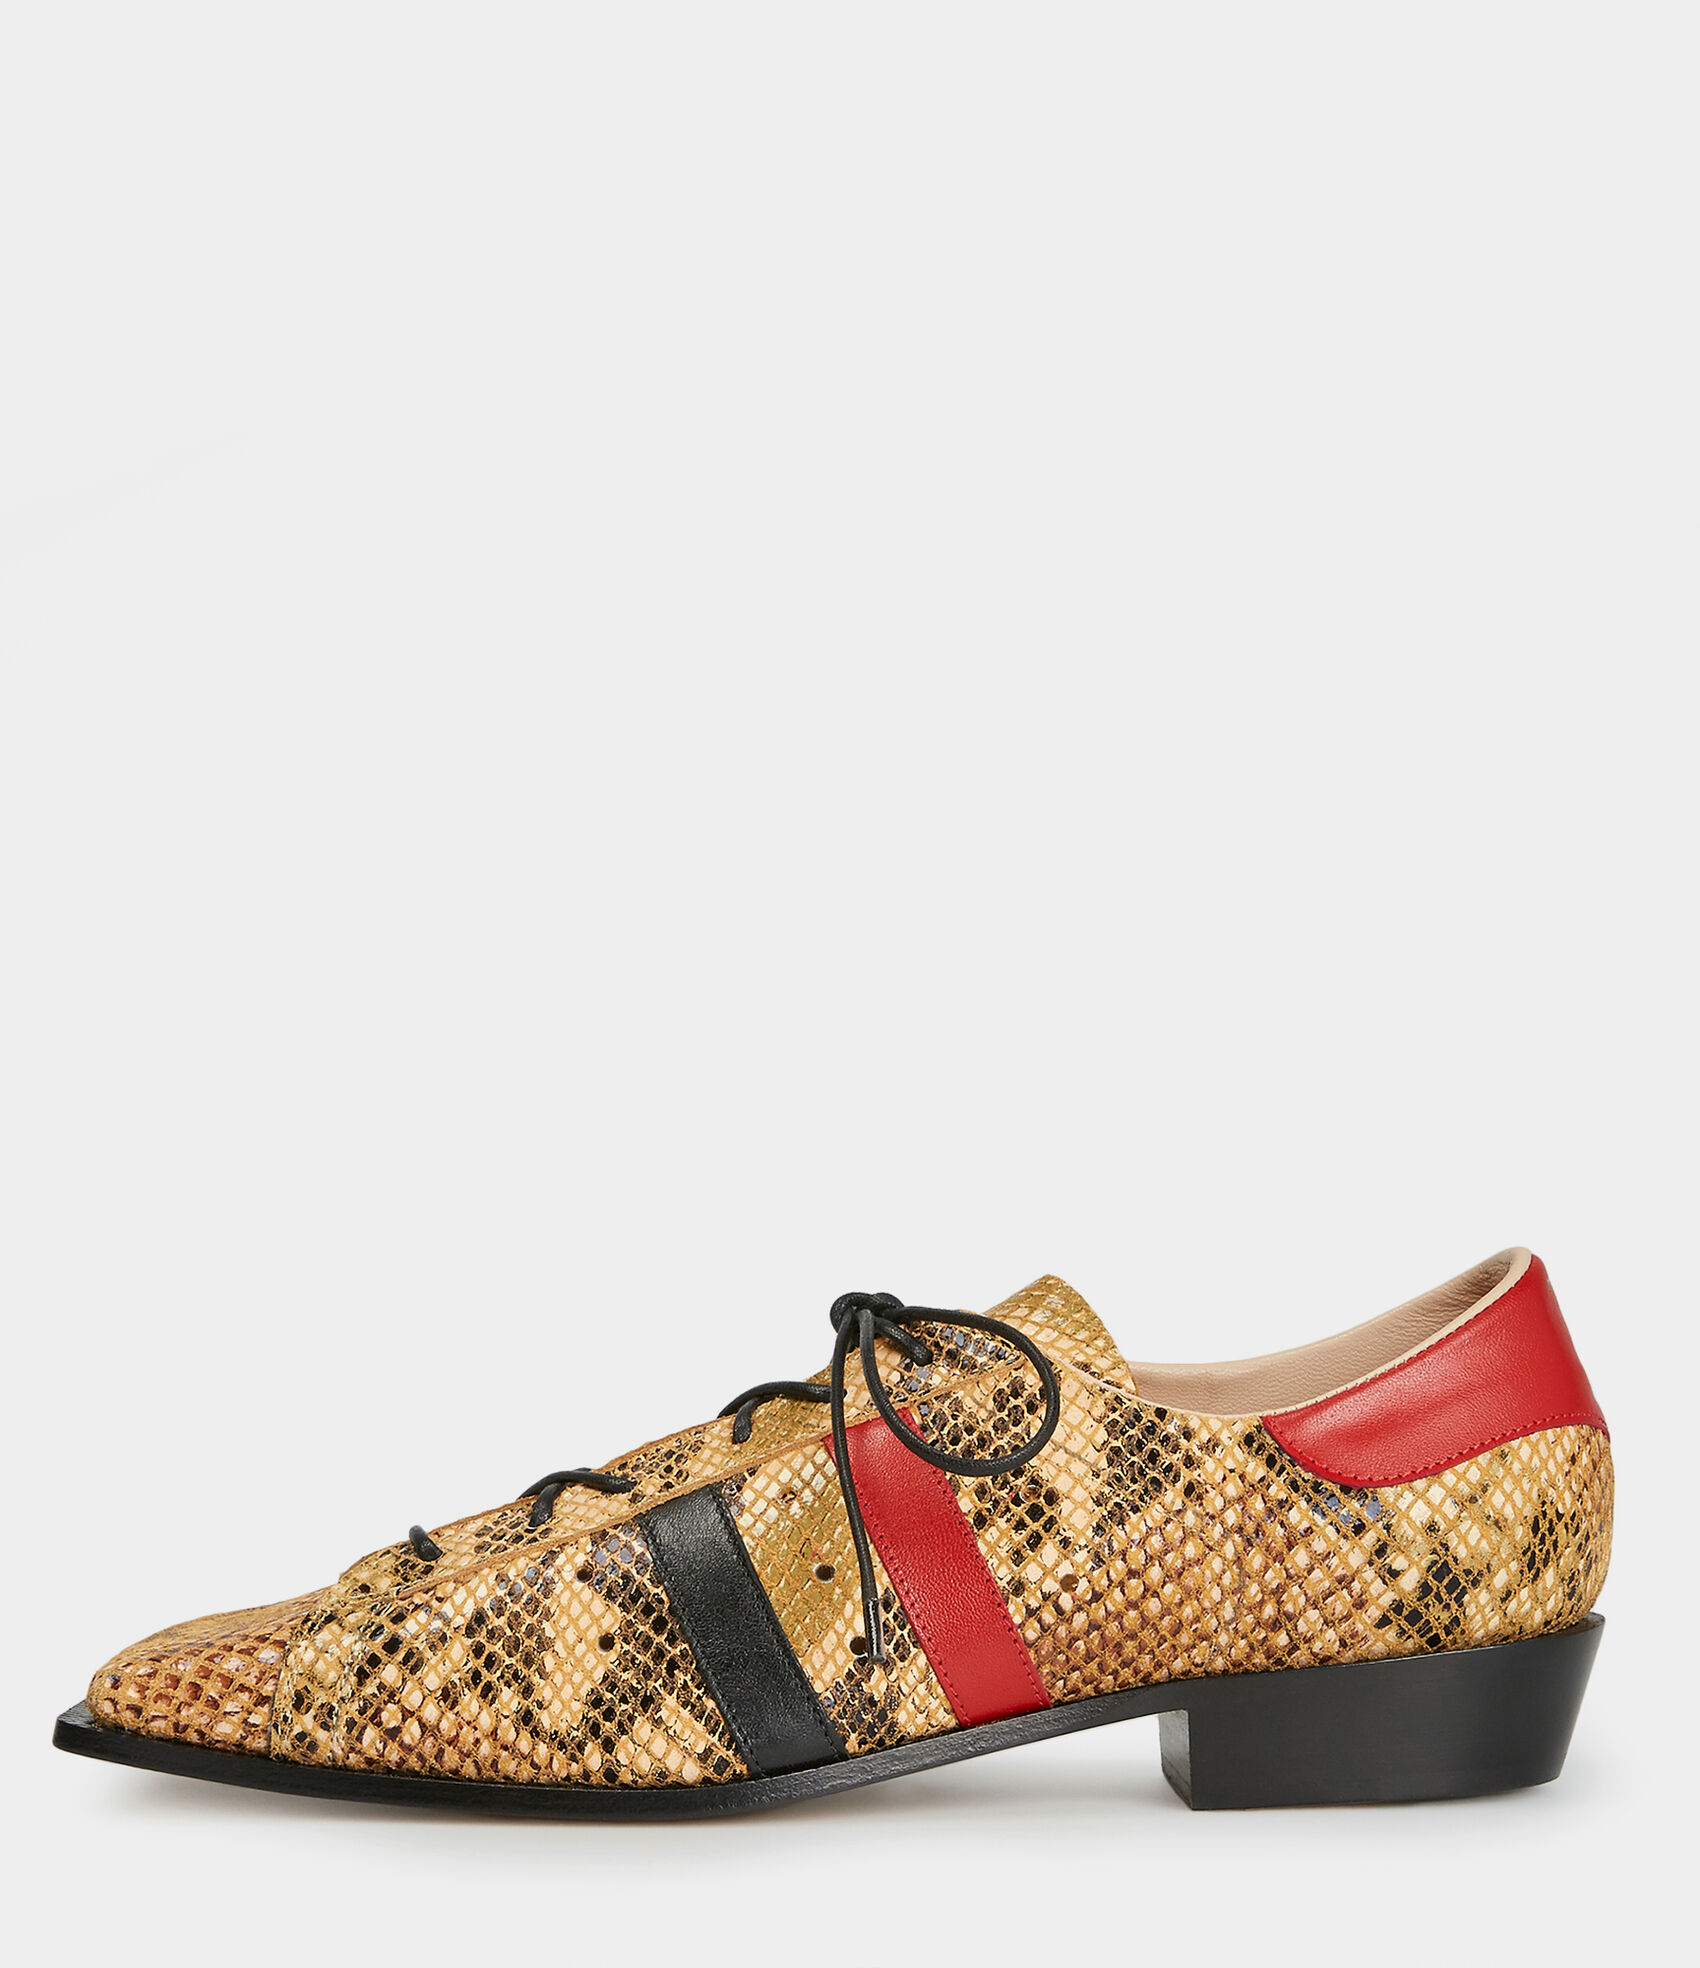 978efc9bb0 Hammerhead Trainer | Men's Lace Up Shoes | Vivienne Westwood